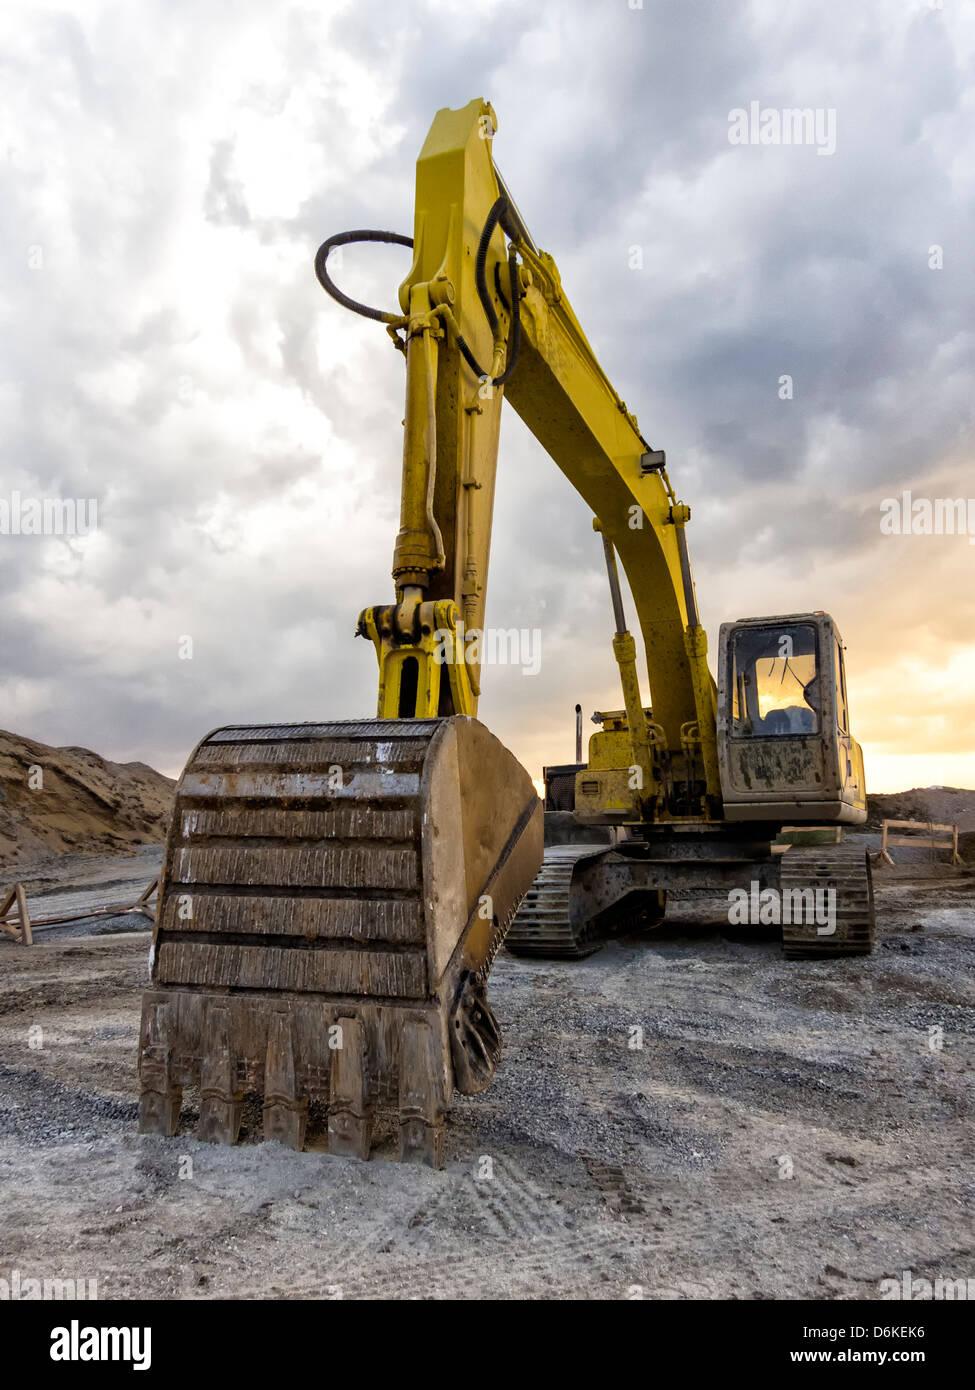 Gelbe Bagger Lader Maschine auf Baustelle über ein bewölkter Himmel Stockbild